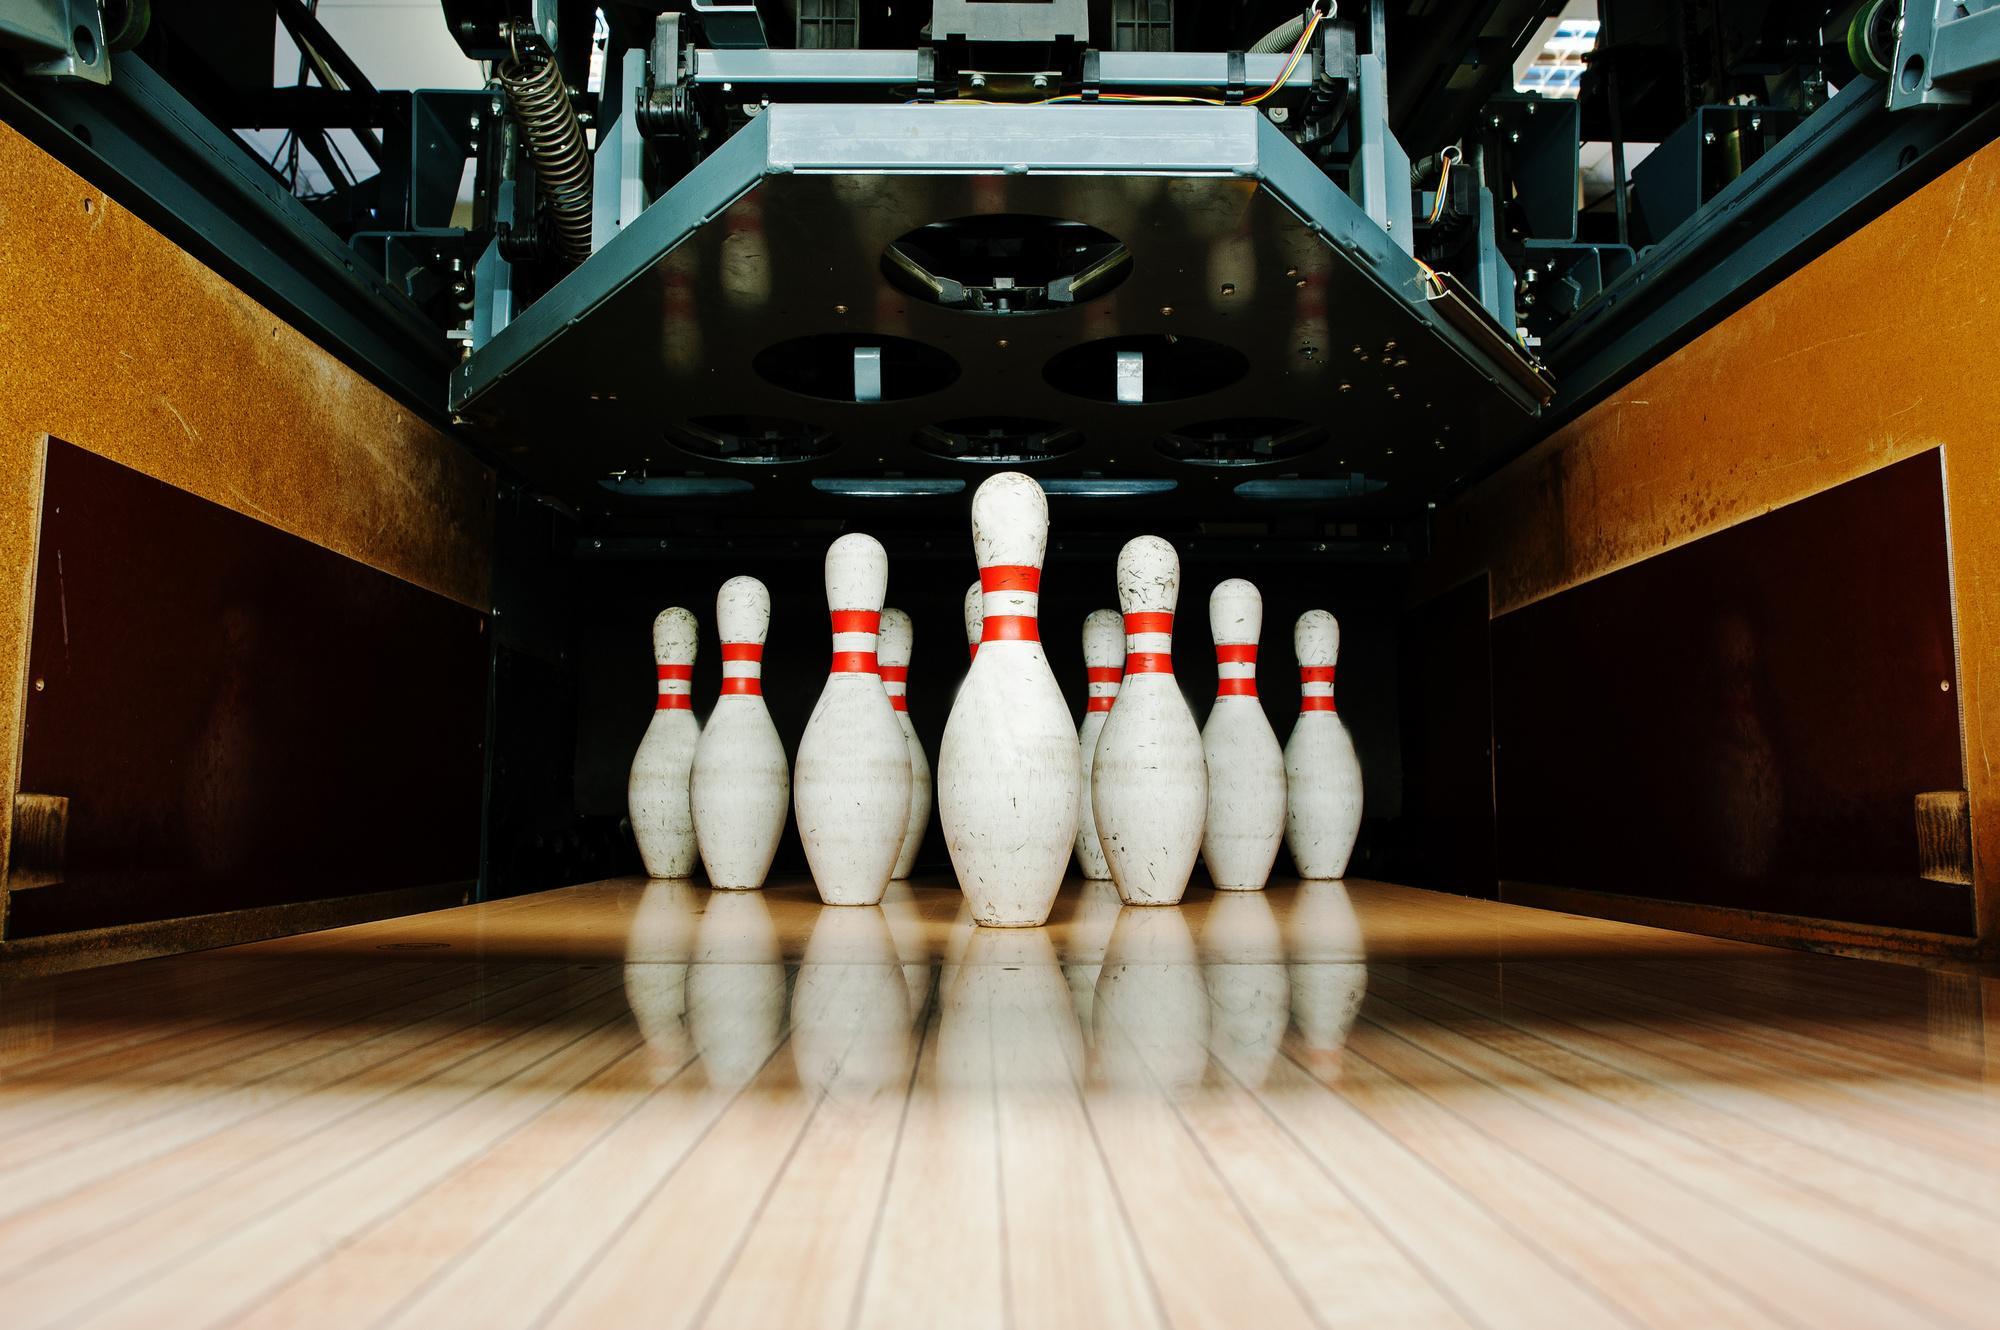 Amf Bowling Wikipedia